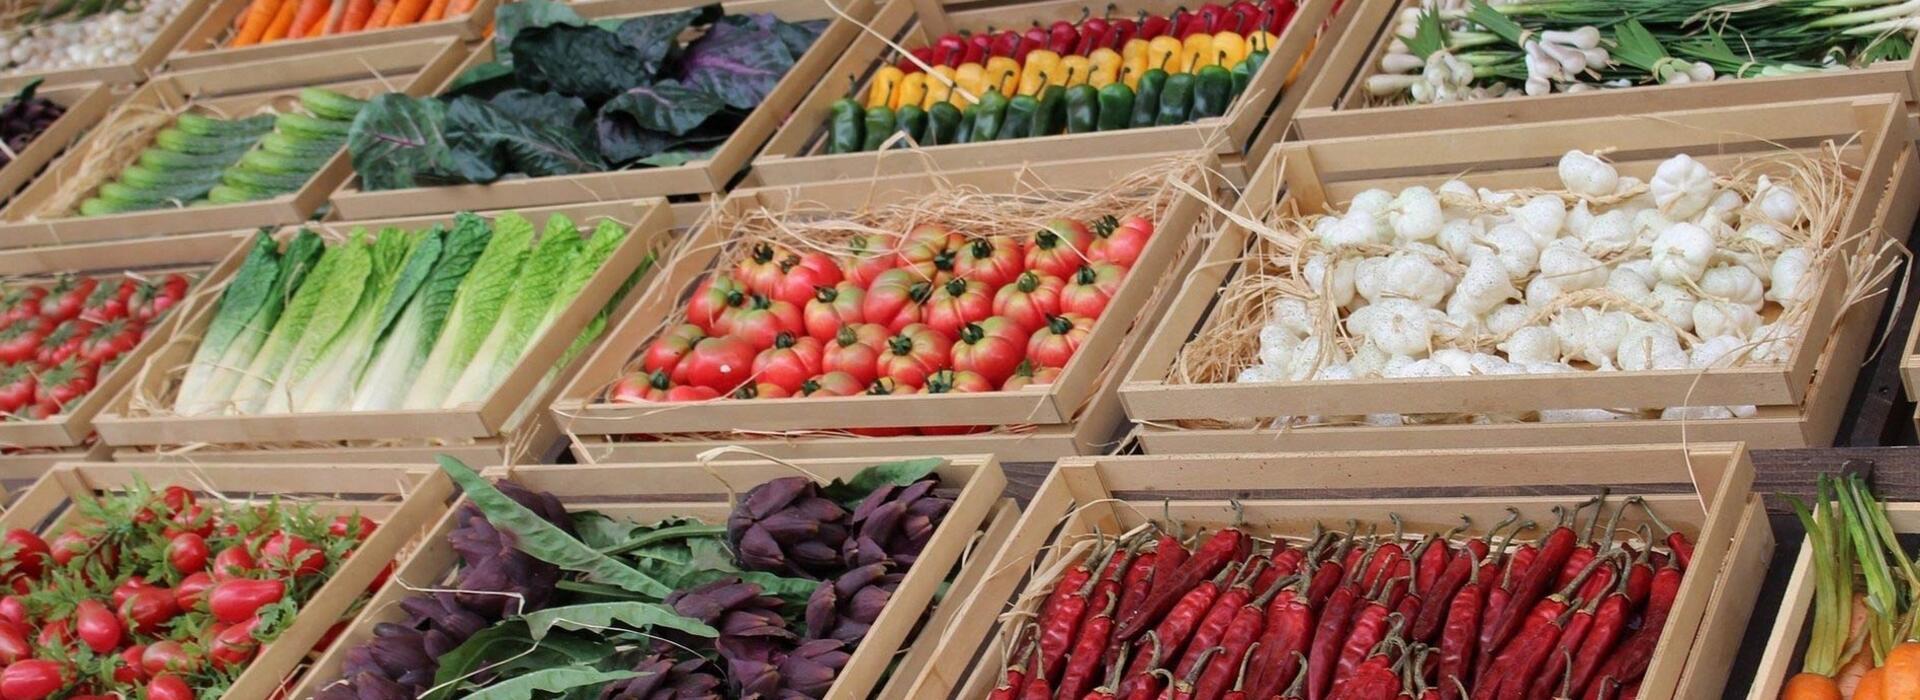 hotelvictoria de landwirtschaftlicher-markt 015